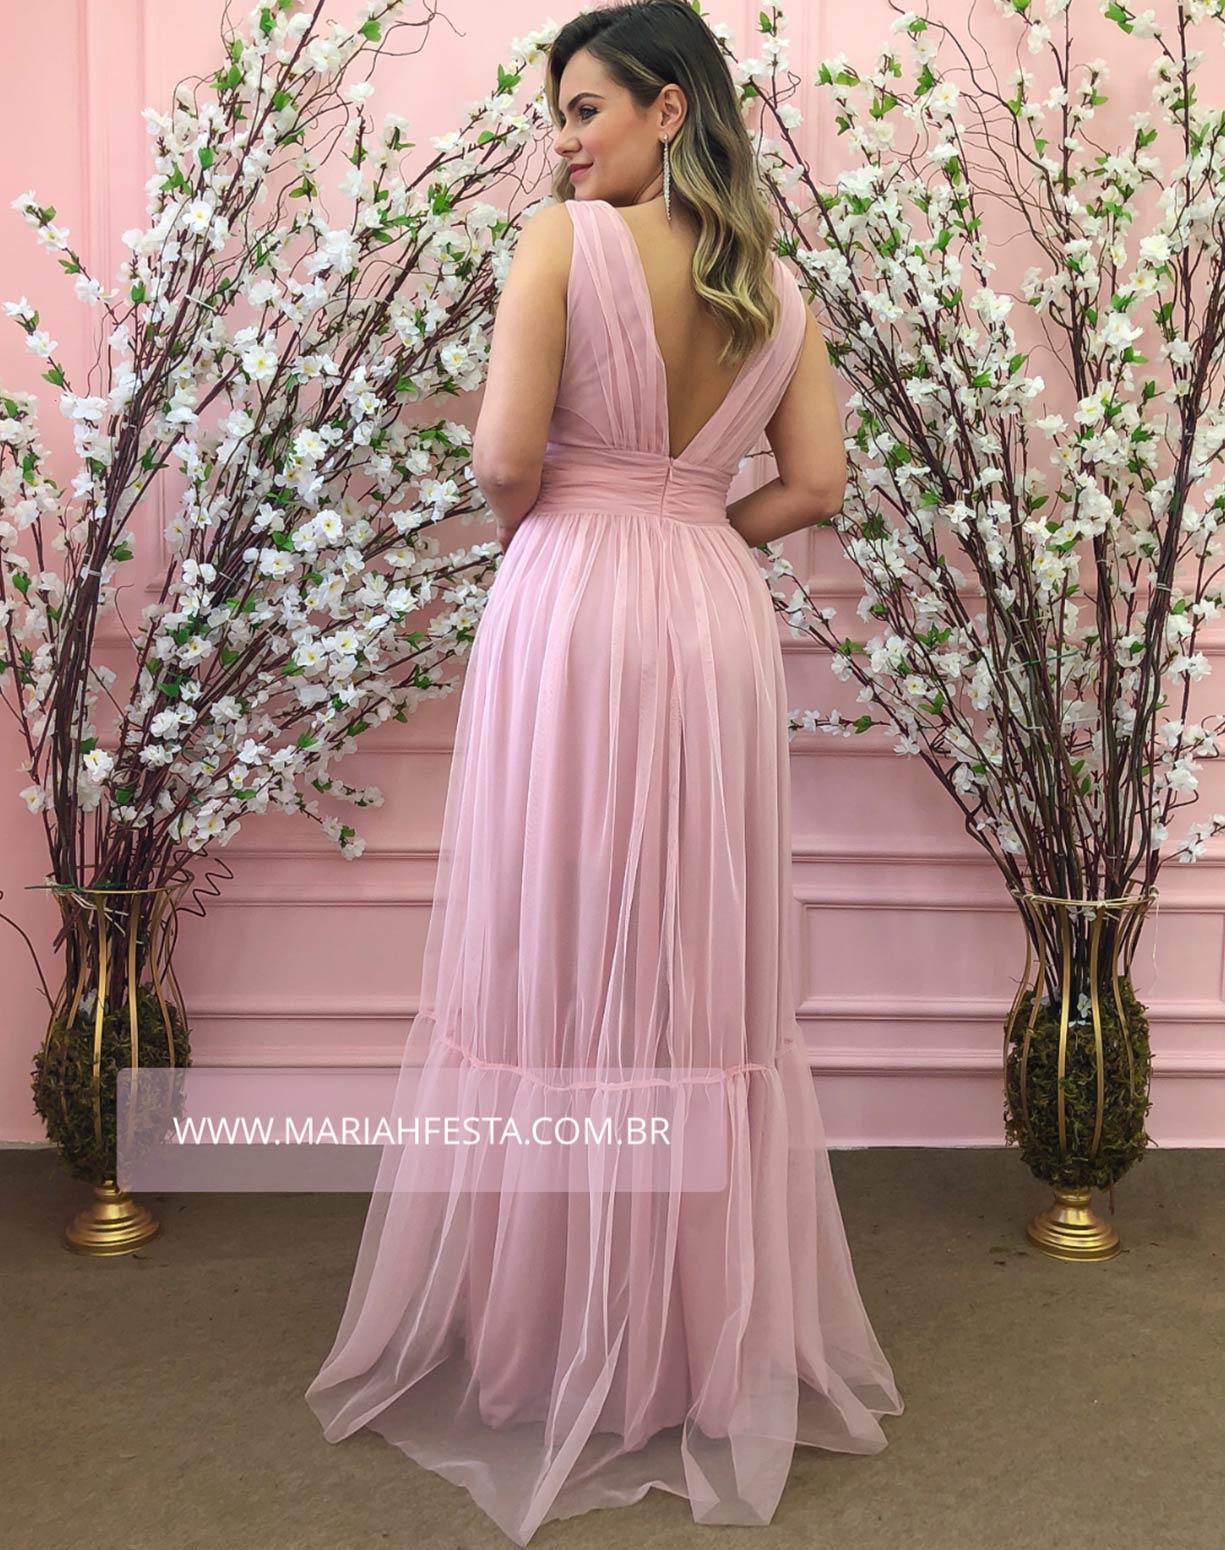 Vestido Rosê em Tule de Saia Evasê com Fenda